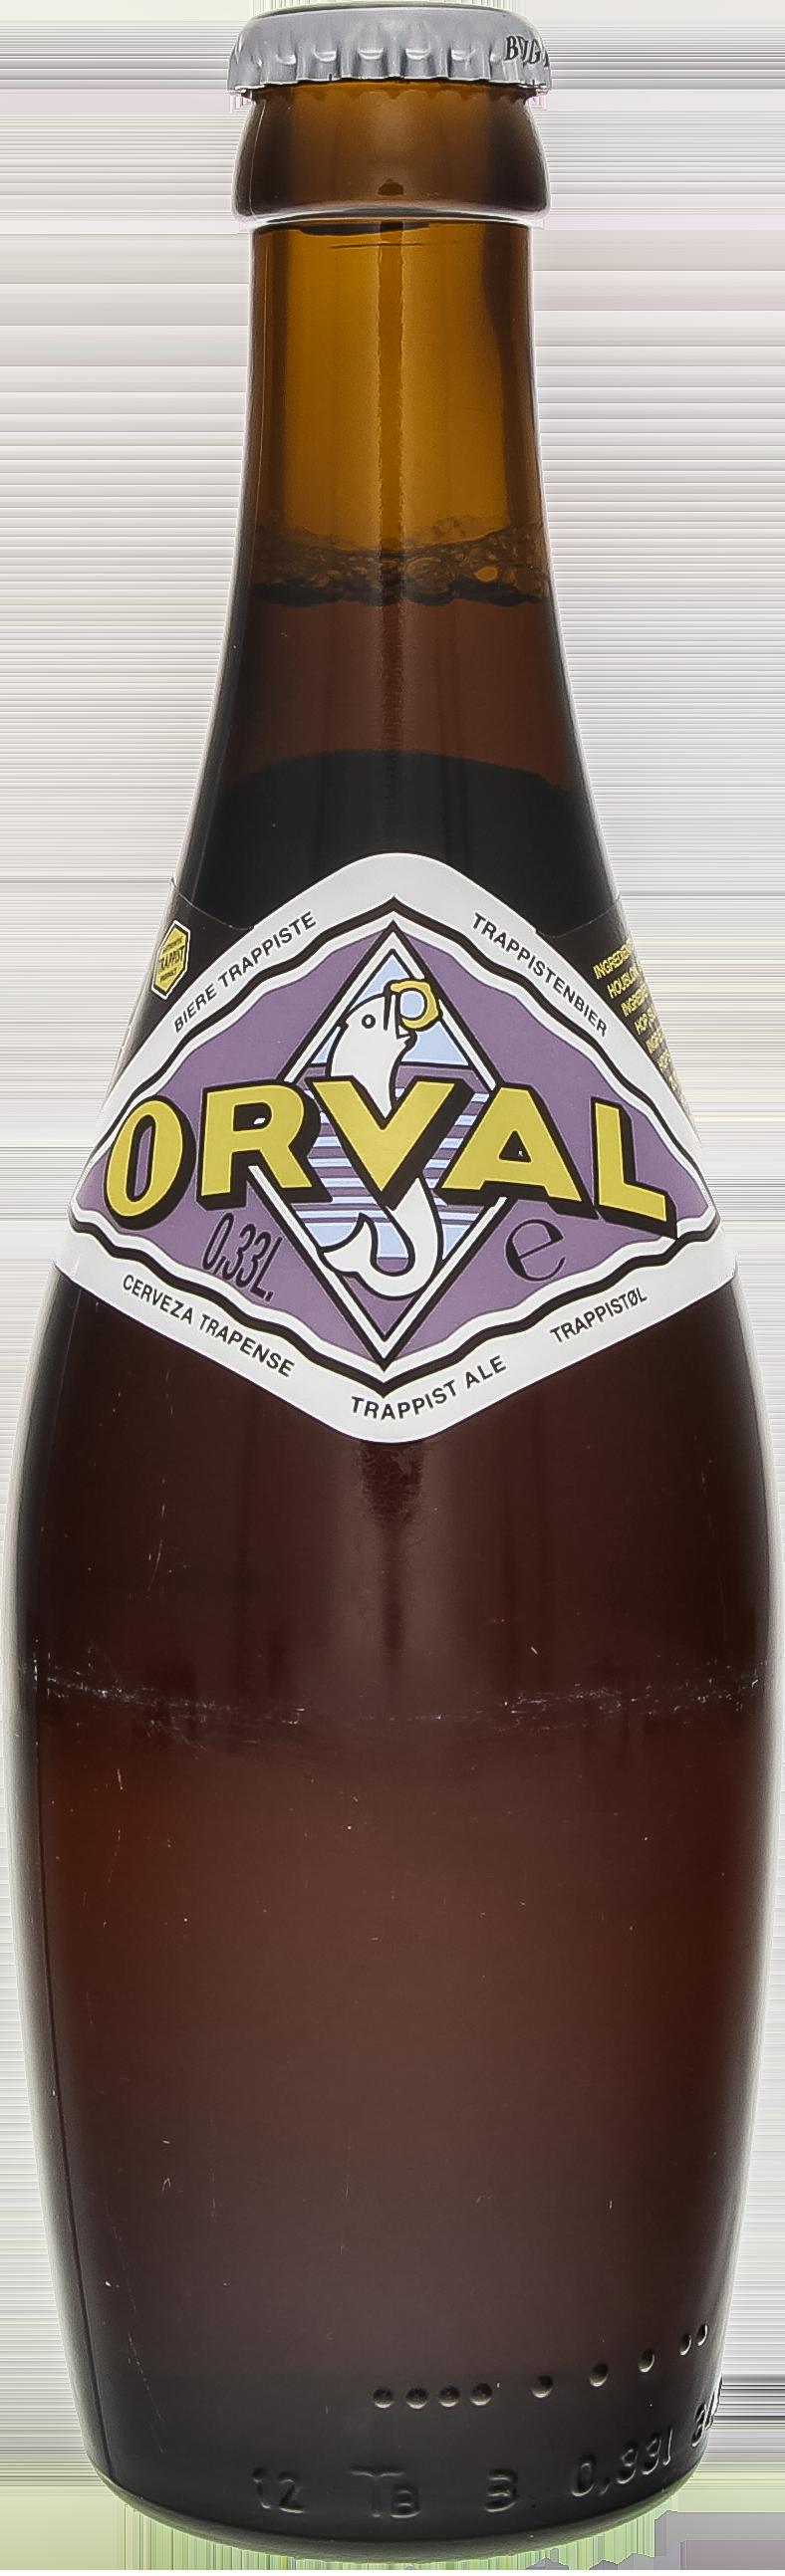 Бельгийское пиво. Orval